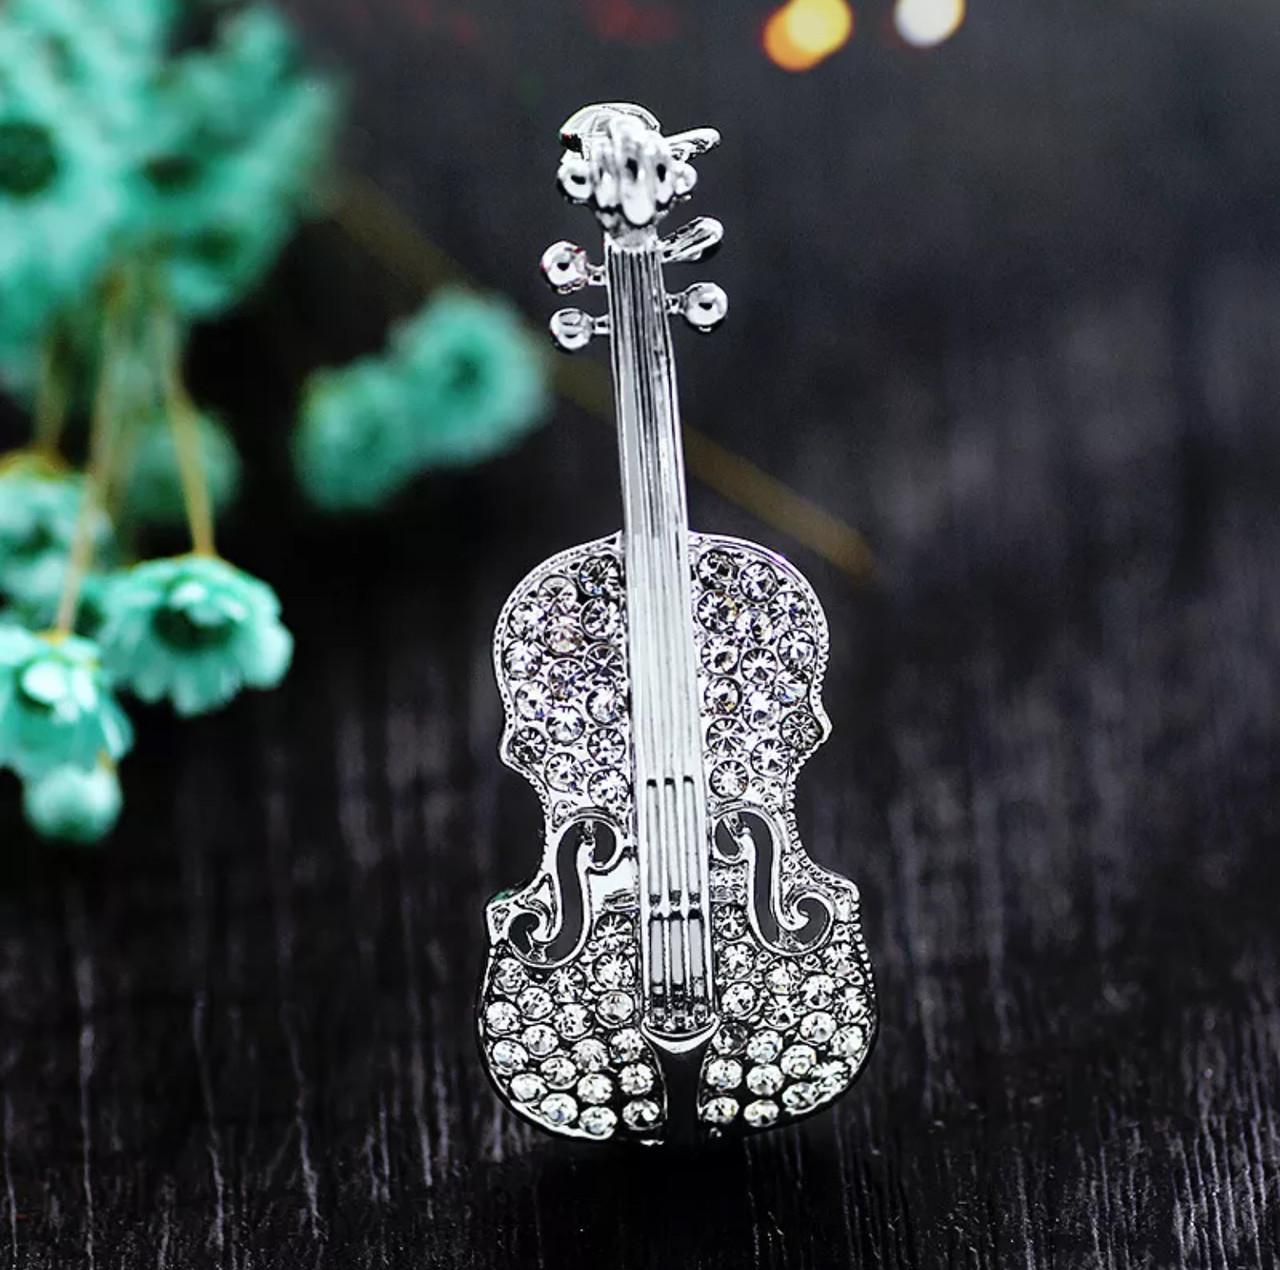 Брошь женская «Violin» серебро в форме скрипки с камнями для девушек